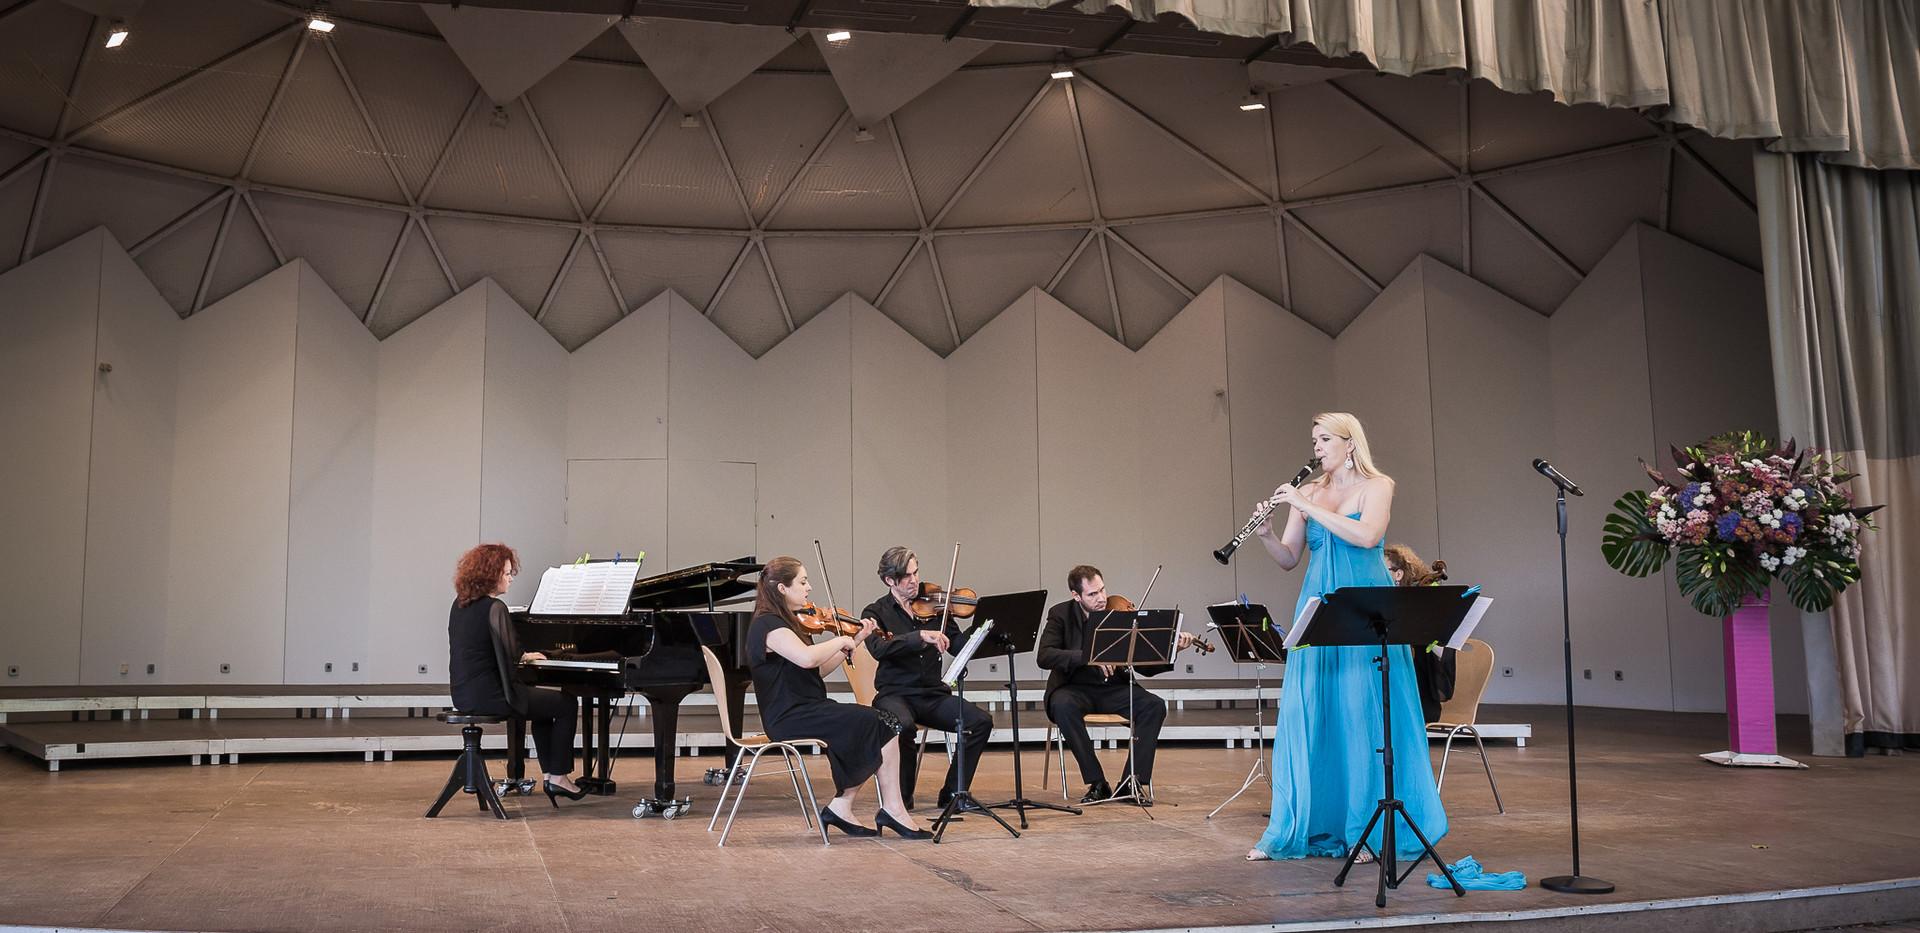 In Gruga Park Essen mit Klarinettistin Sabine Grofmeier